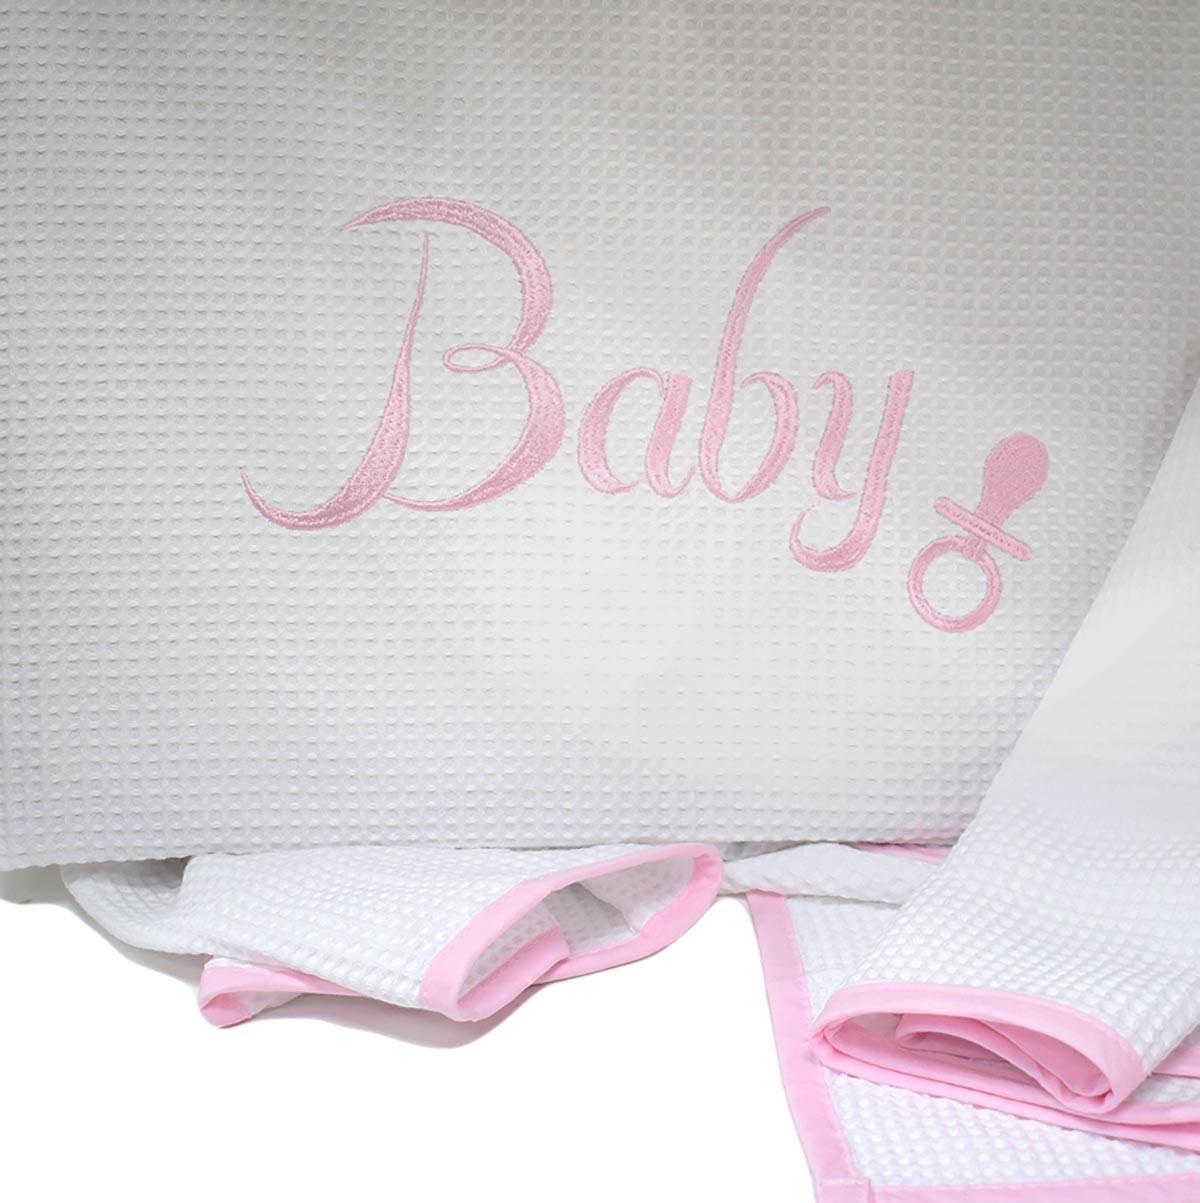 Κουβέρτα Πικέ Κούνιας Rythmos Baby Pink home   βρεφικά   κουβέρτες βρεφικές   κουβέρτες καλοκαιρινές